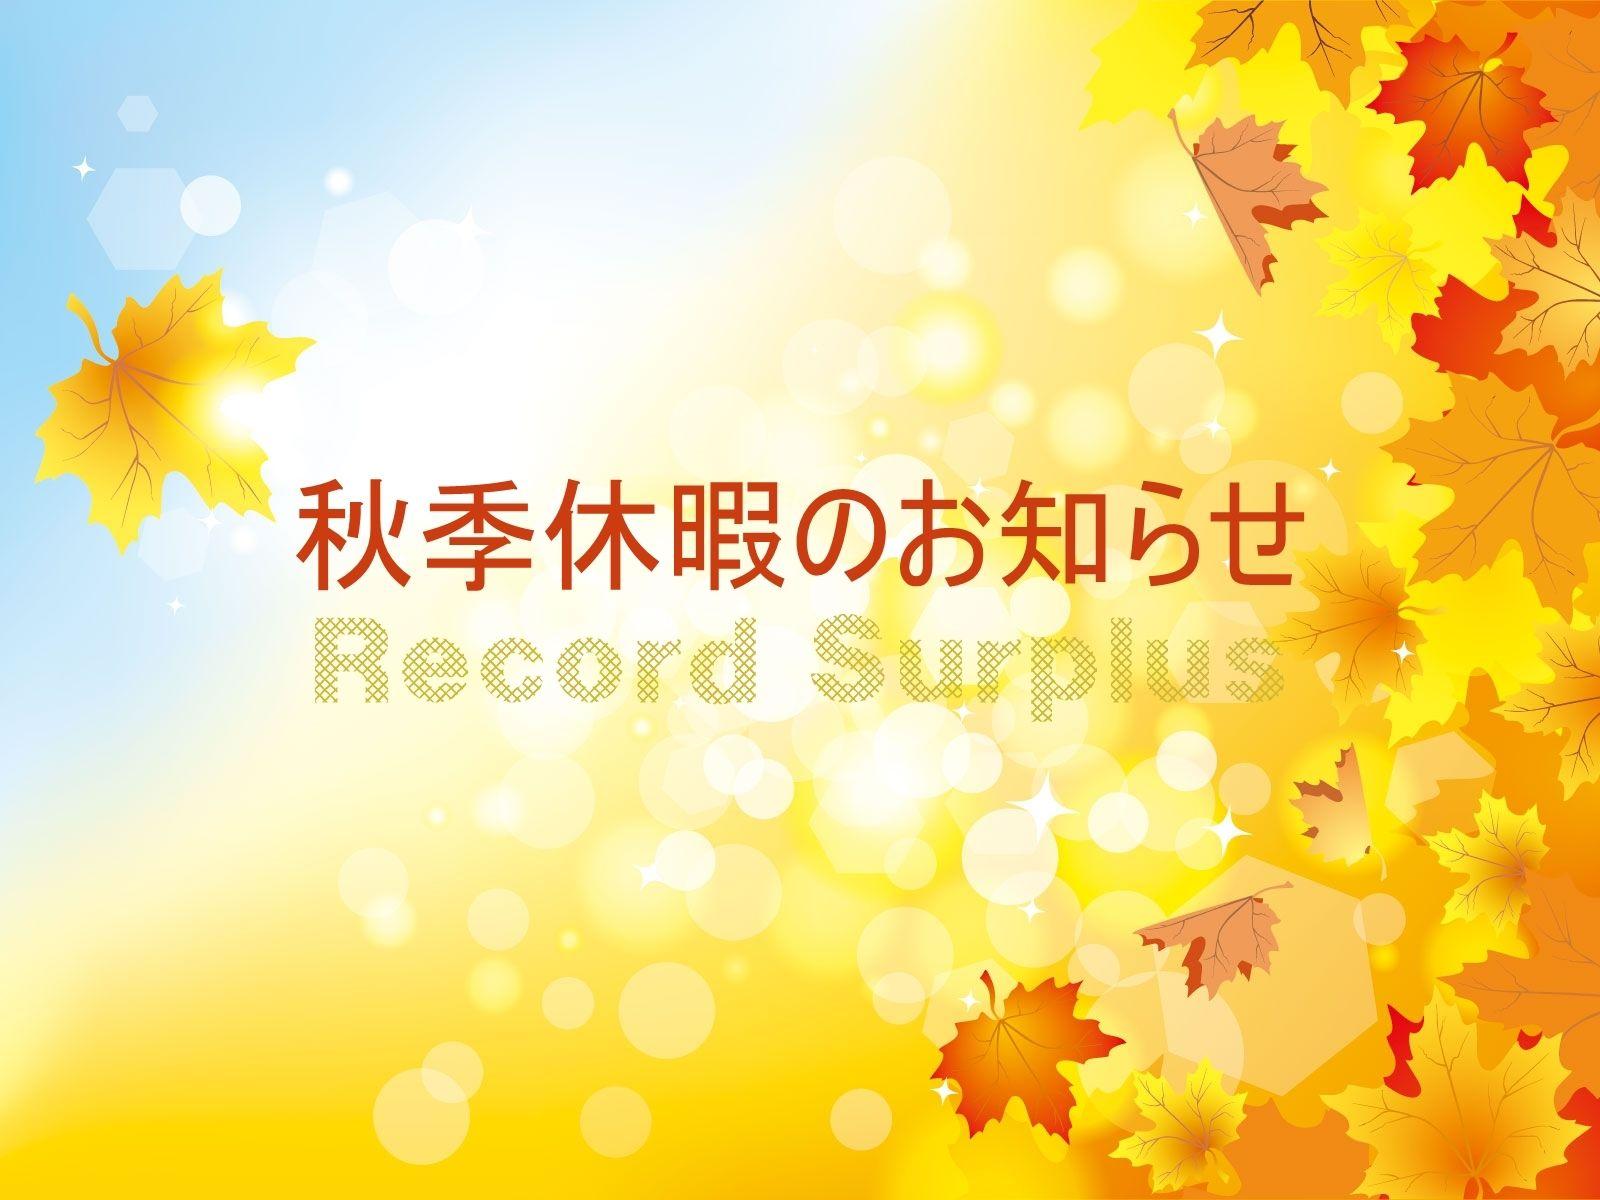 秋季休暇のお知らせ